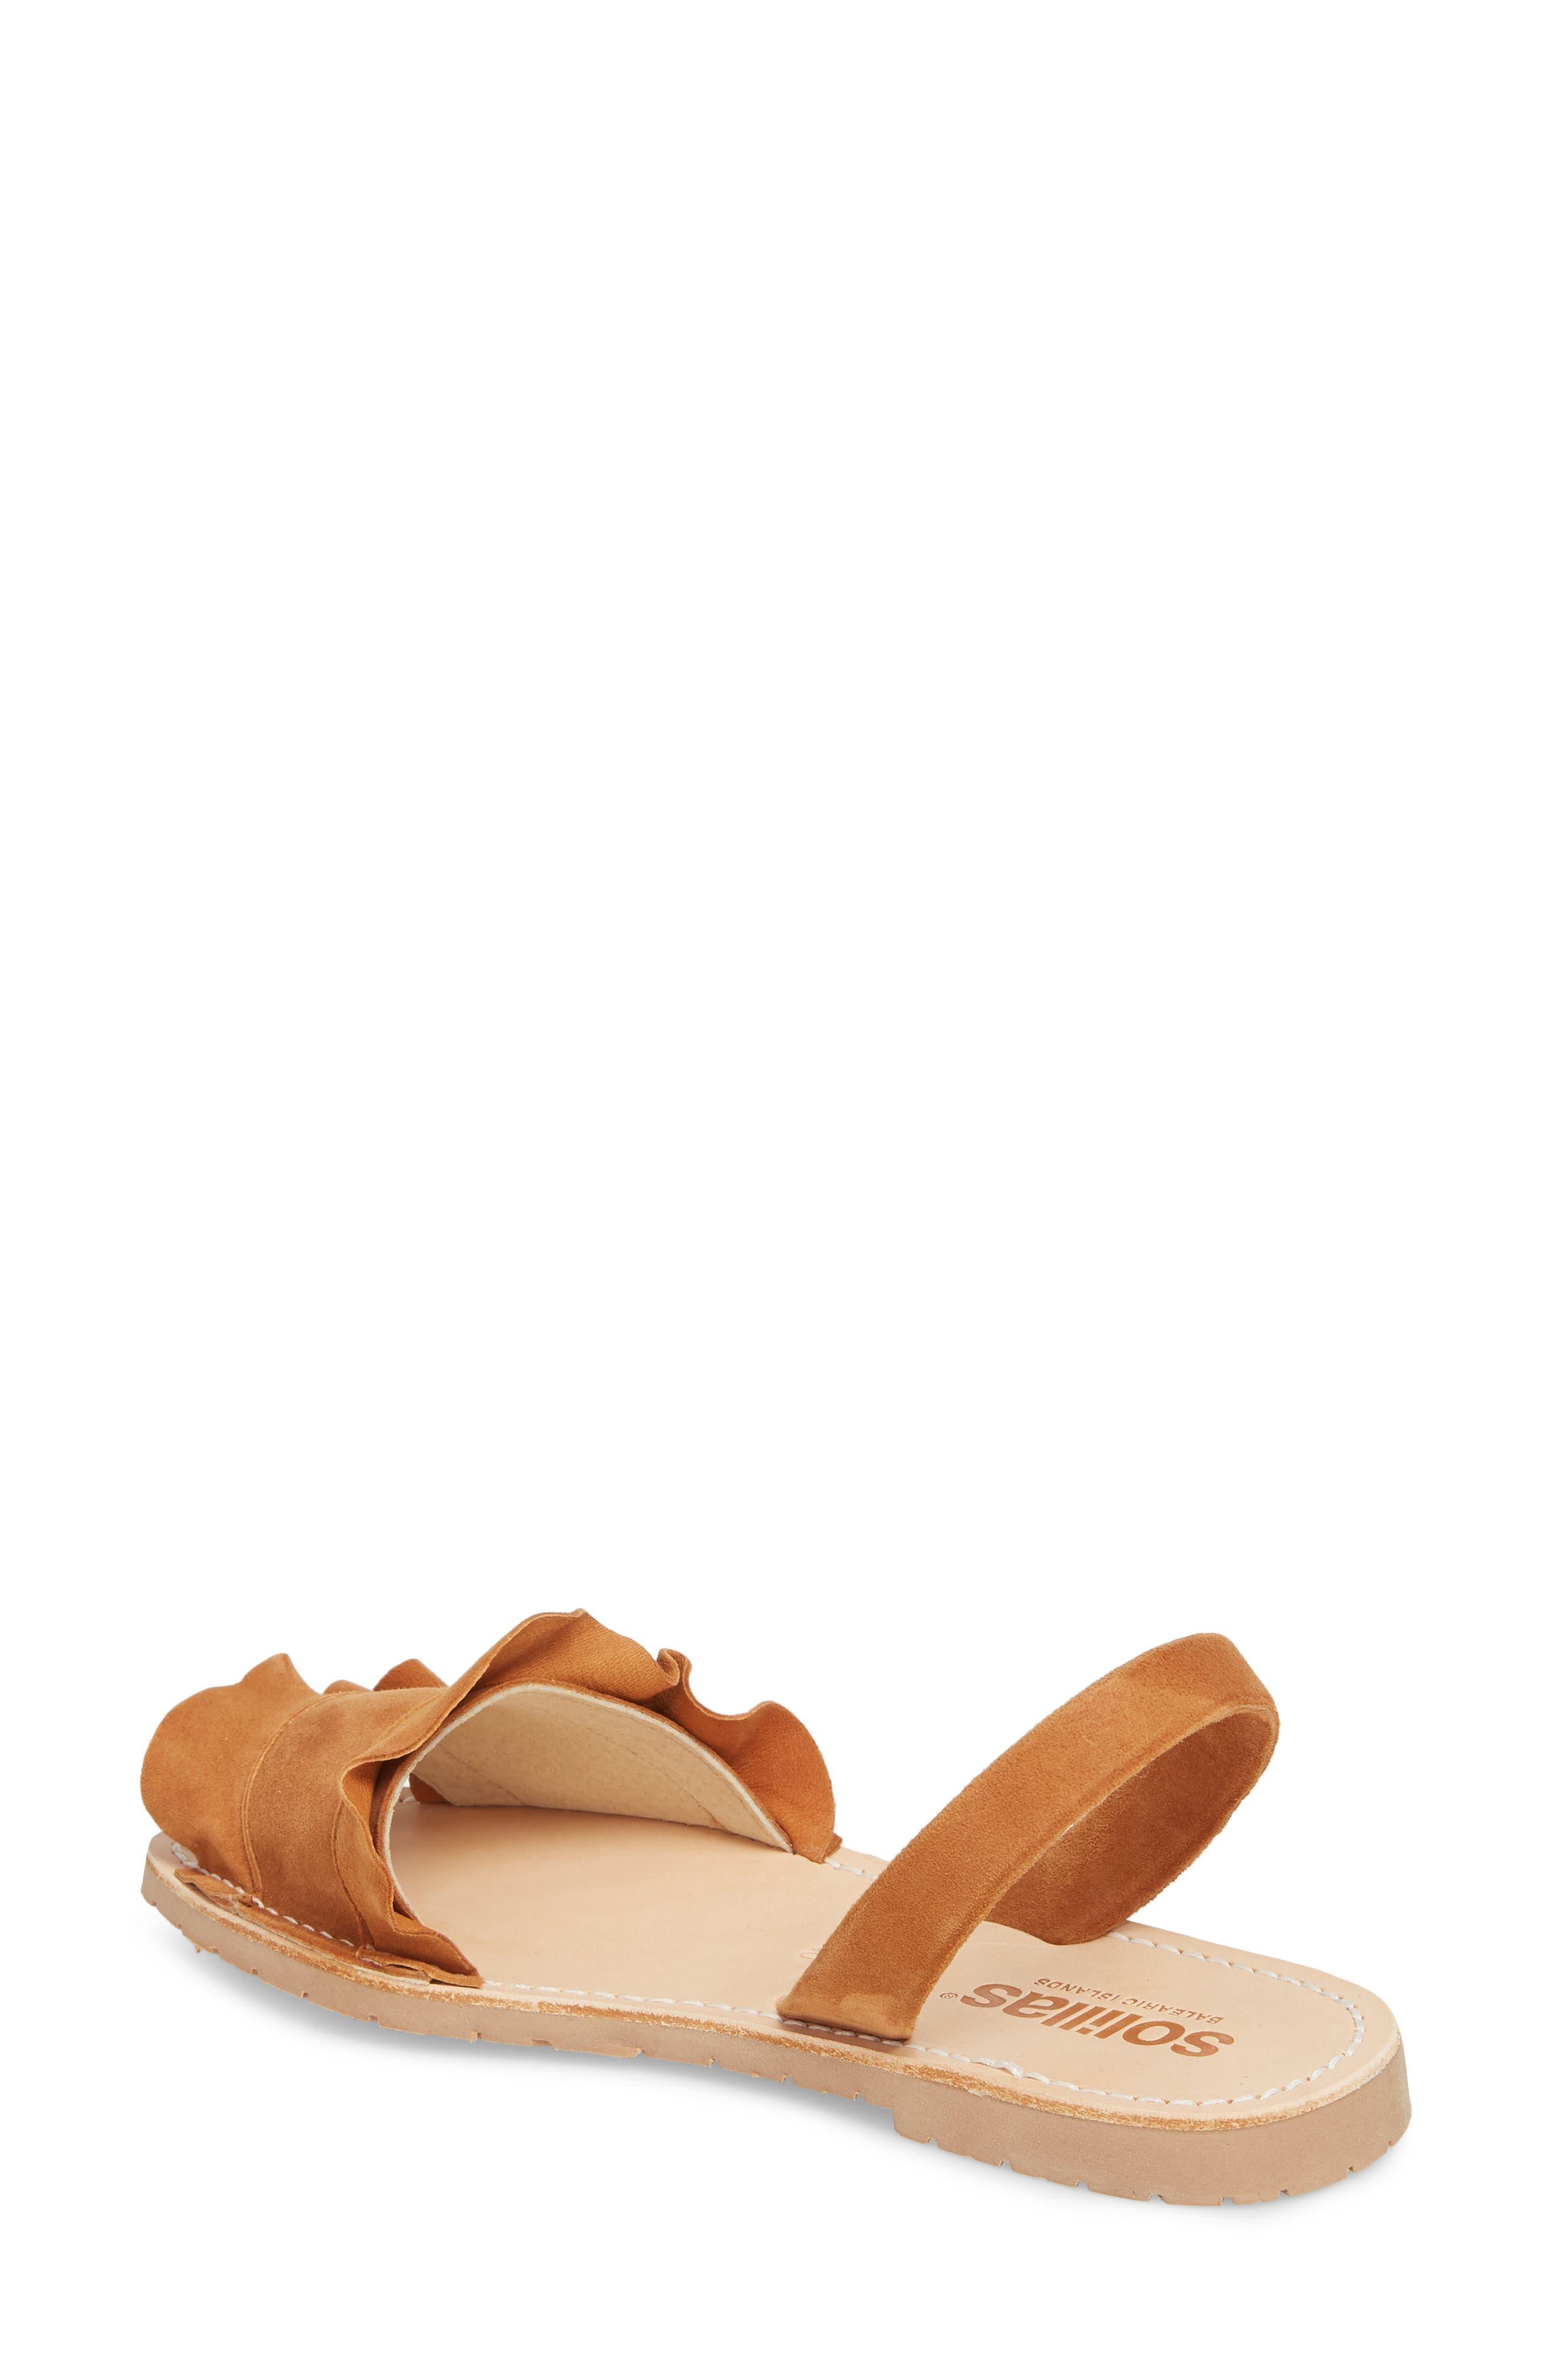 Frilled Flat Sandal,                             Alternate thumbnail 2, color,                             Tan